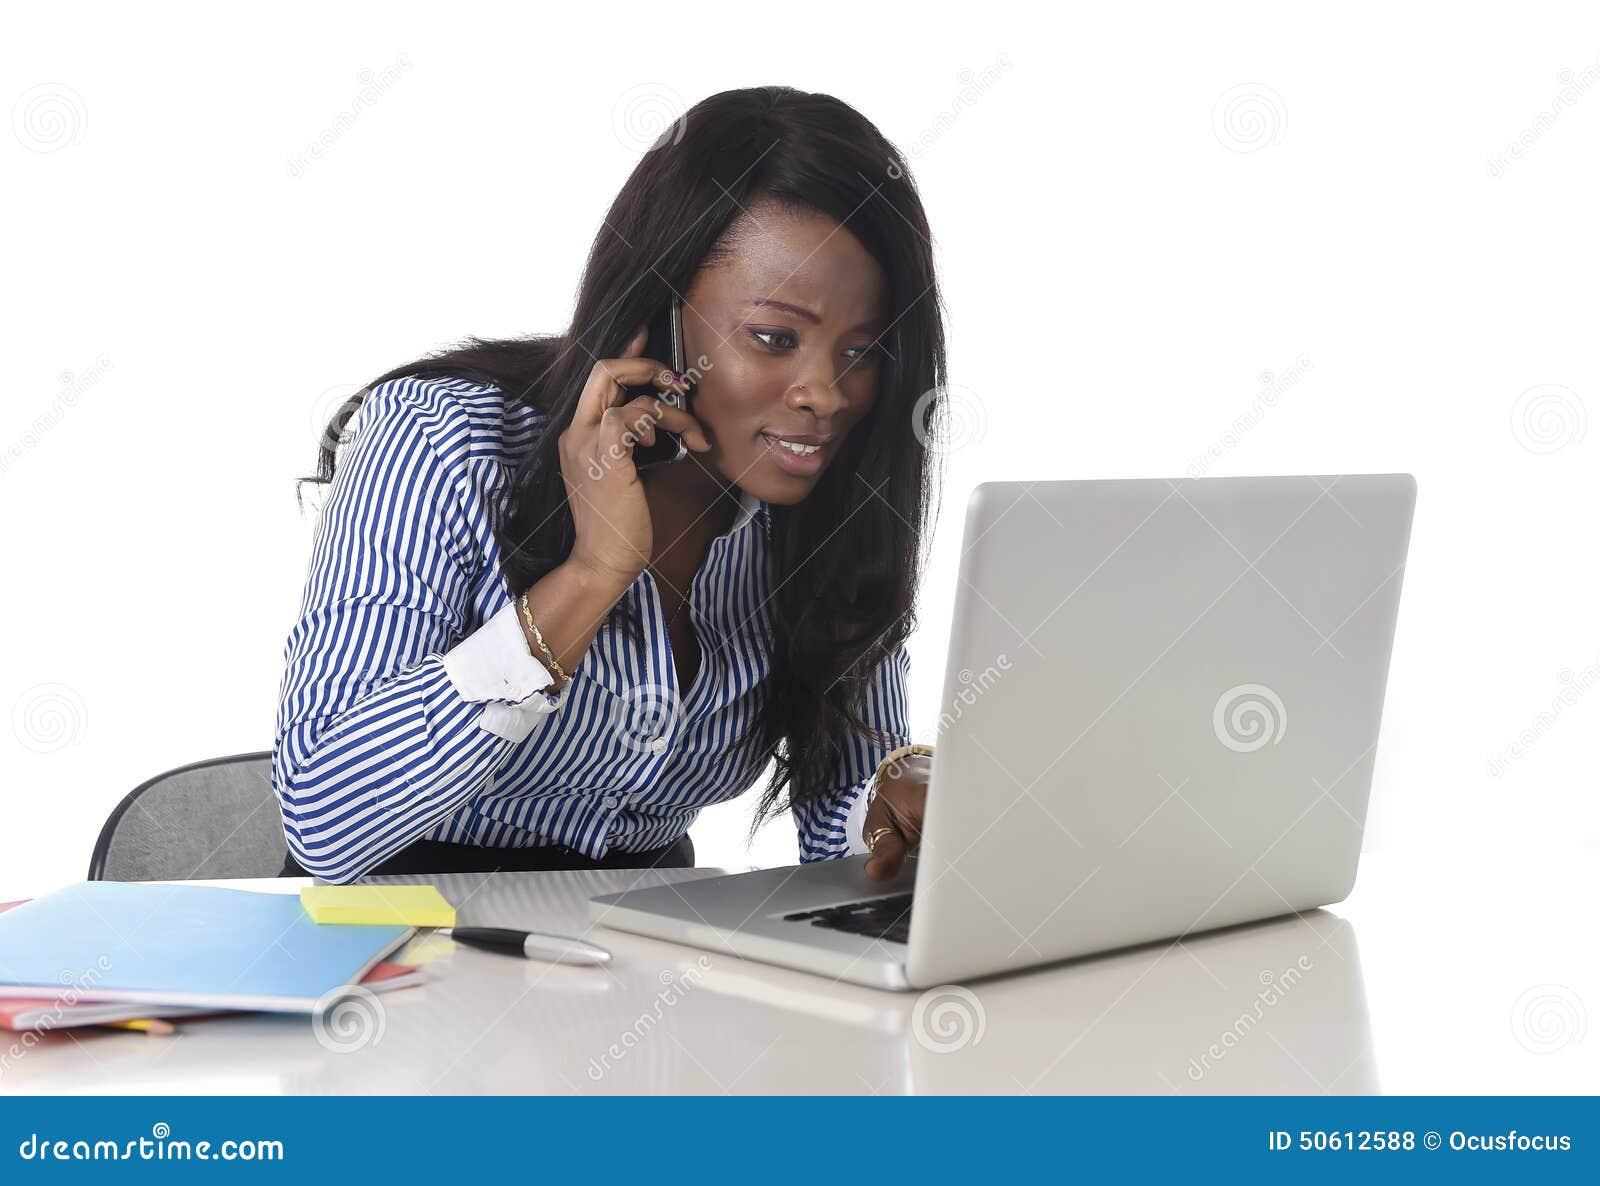 Mujer negra feliz de la pertenencia étnica que trabaja en el ordenador portátil del ordenador y el teléfono móvil relajados